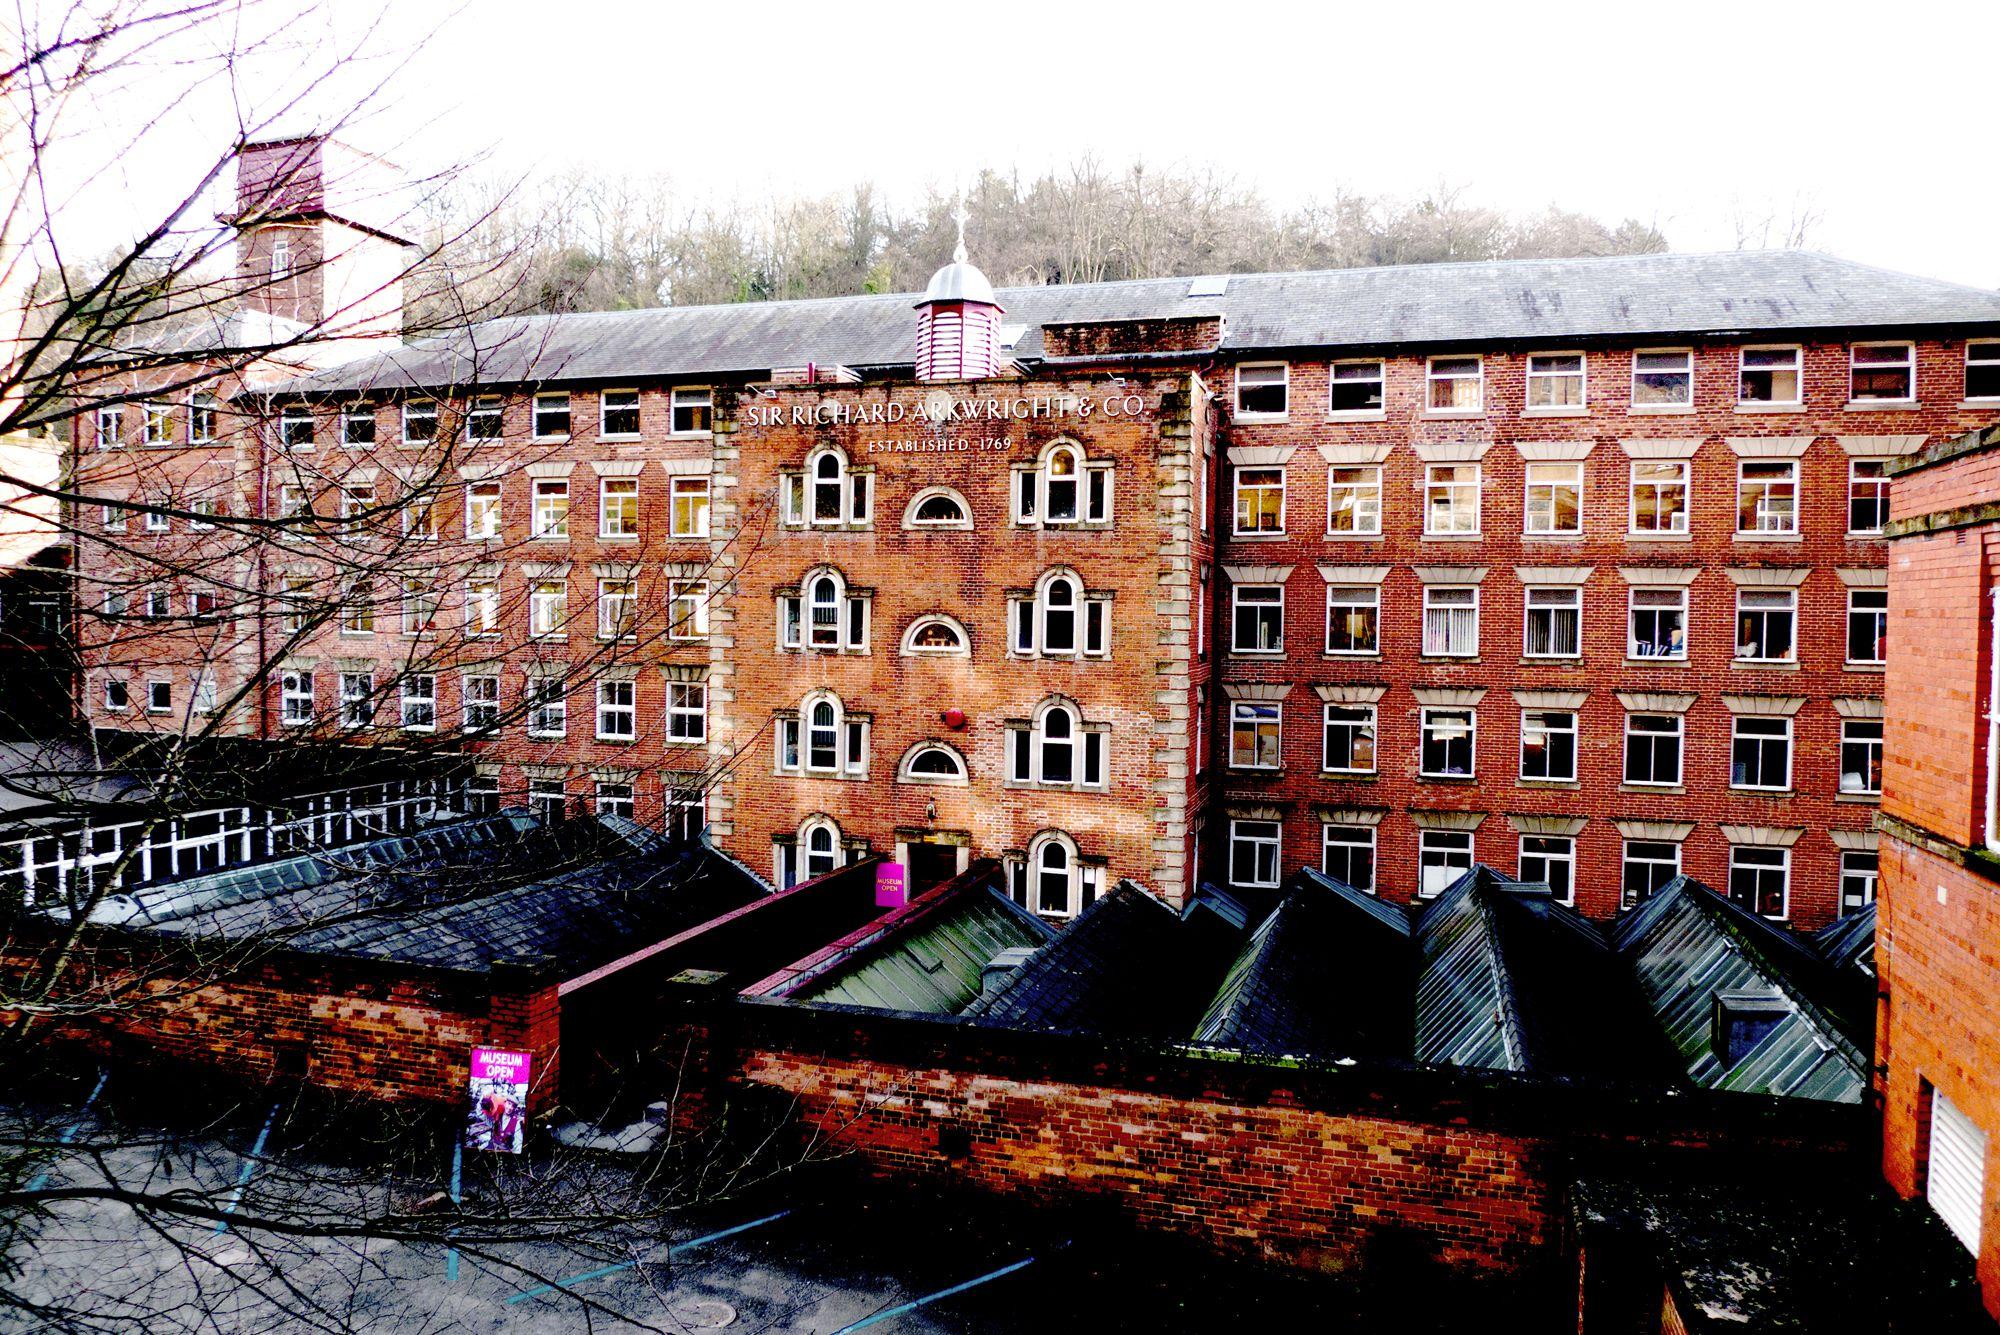 Richard Arkwright's Masson Mills